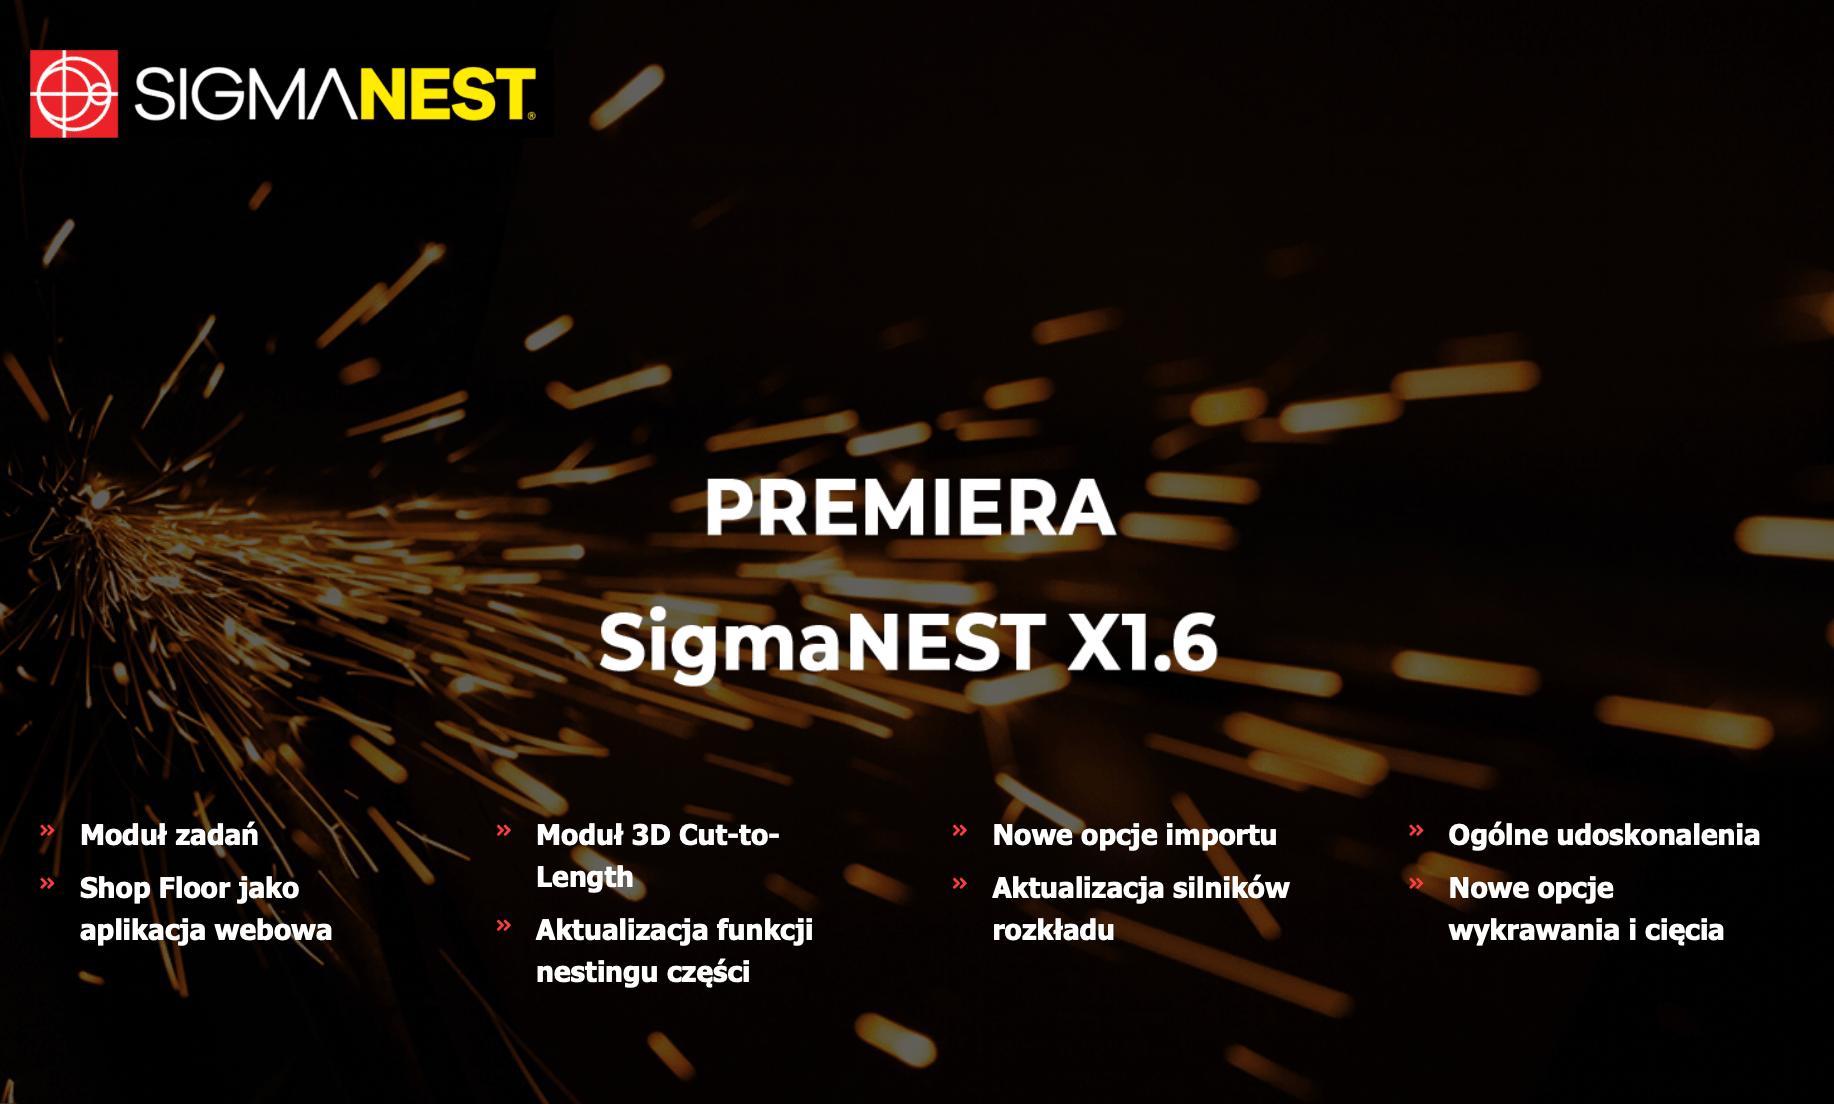 Premiera: SigmaNEST X1.6